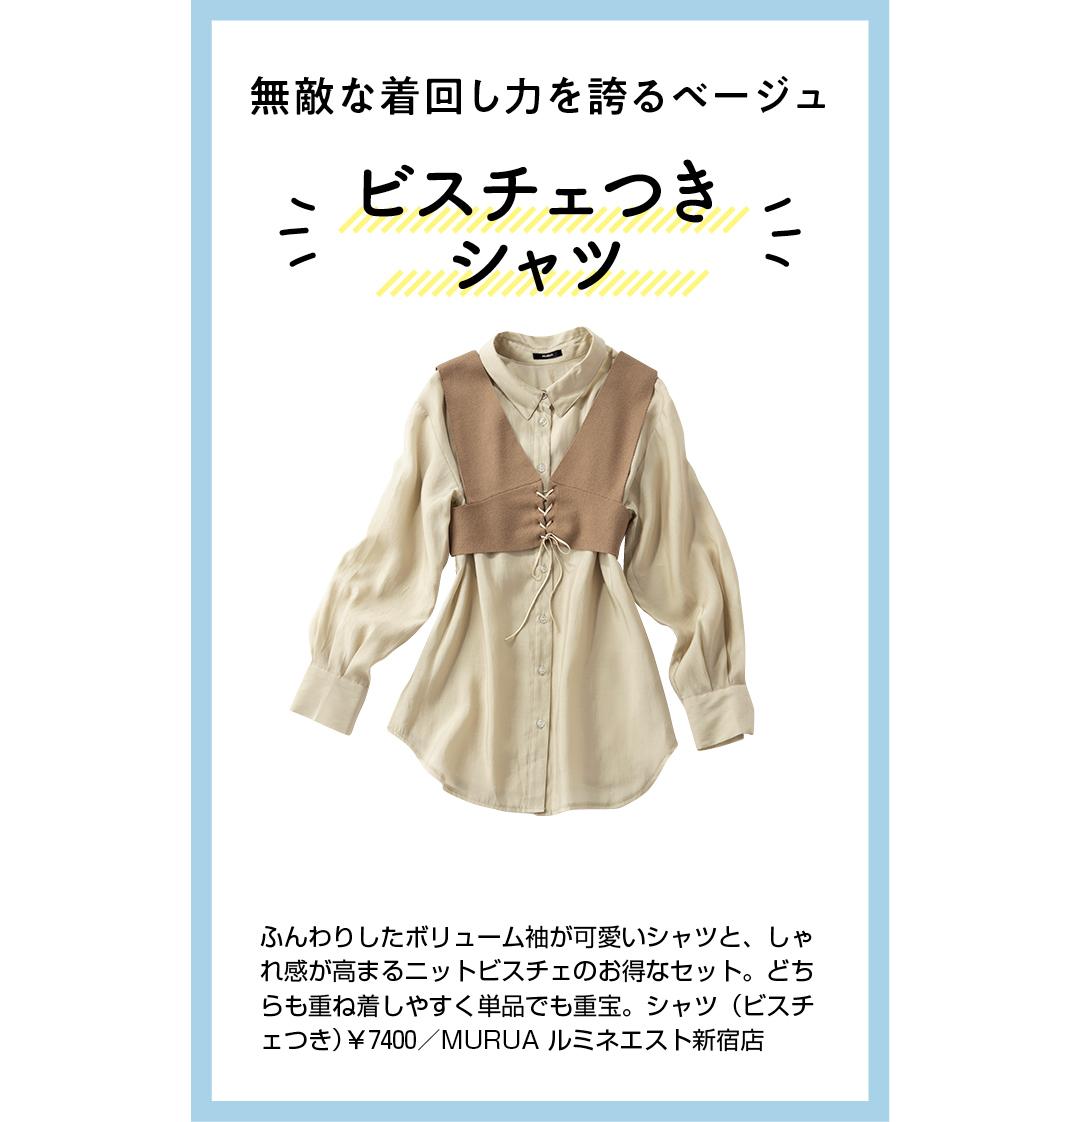 無敵な着回し力を誇るベージュ ビスチェつきシャツ ふんわりしたボリューム袖が可愛いシャツと、しゃれ感が高まるニットビスチェのお得なセット。どちらも重ね着しやすく単品でも重宝。シャツ(ビスチェつき)¥7400/MURUA ルミネエスト新宿店